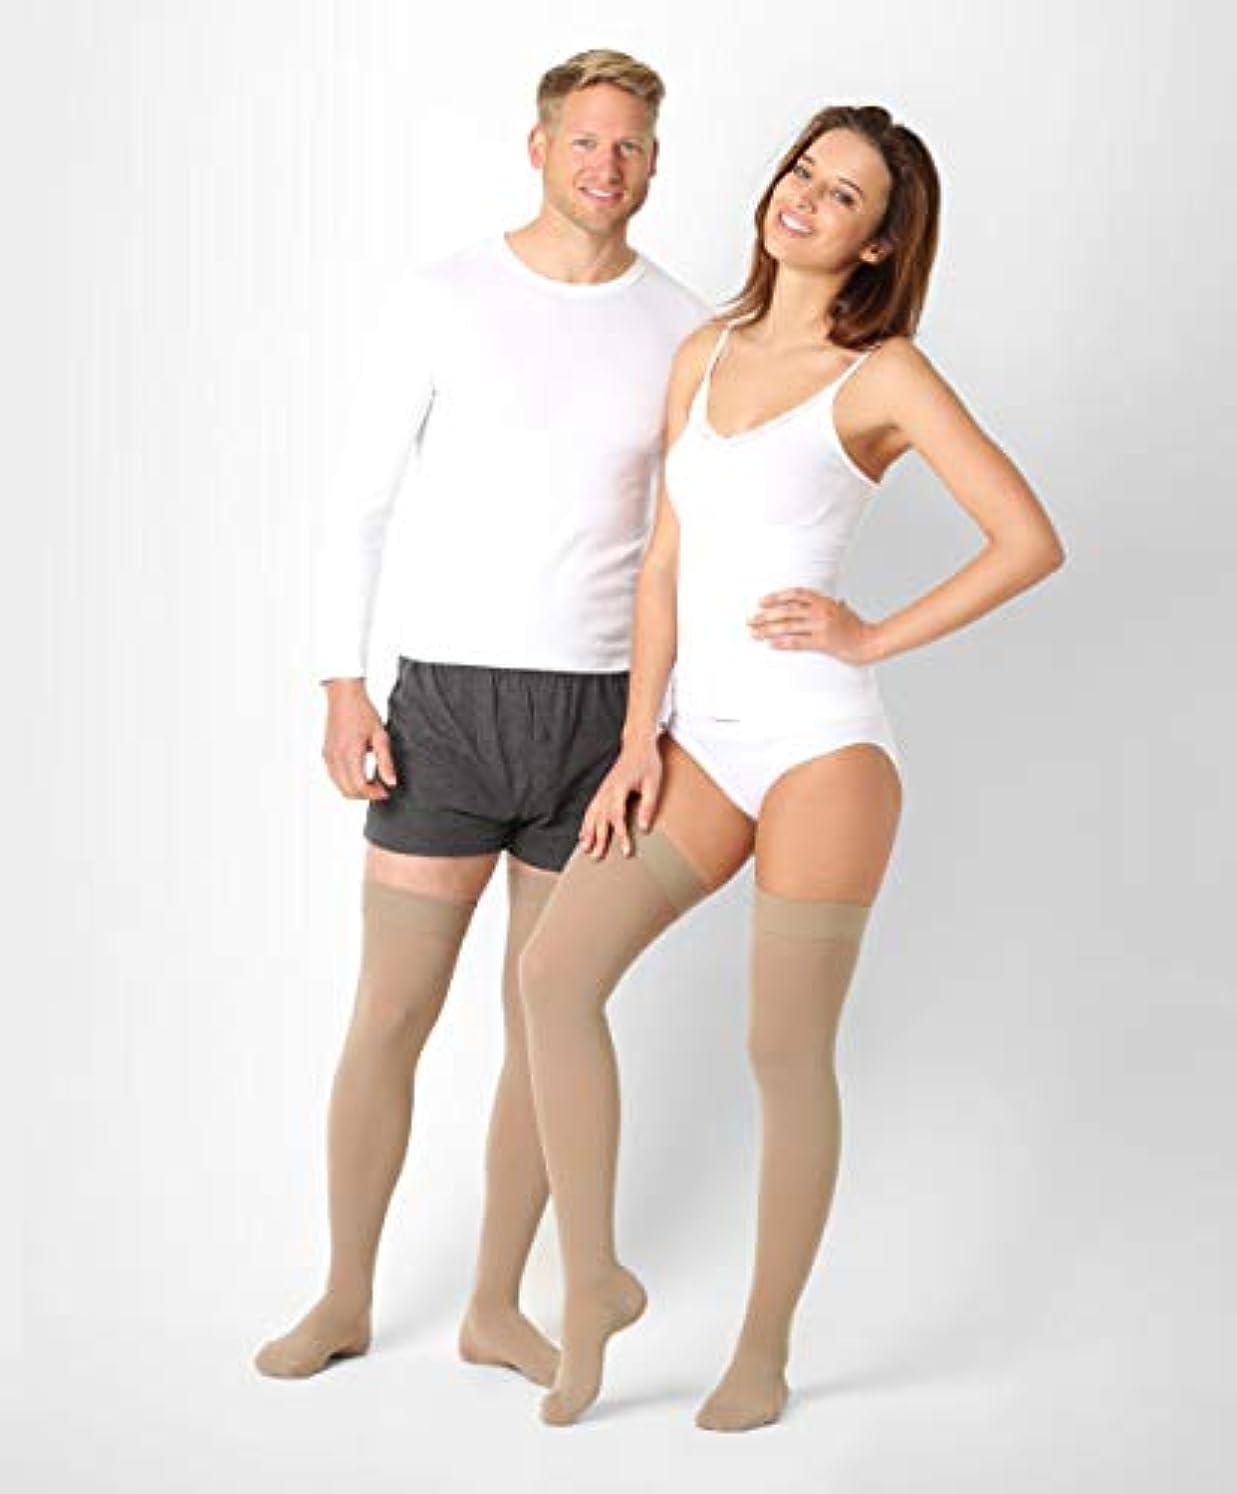 エッセンス上級知的BeFit24 医療用着圧ストッキング クラス 1 (18-21 mmHg) 男性?女性用 ーあらゆるラ イフスタイルのニーズに対応ー ヨーロッパ製 X-Large Beige